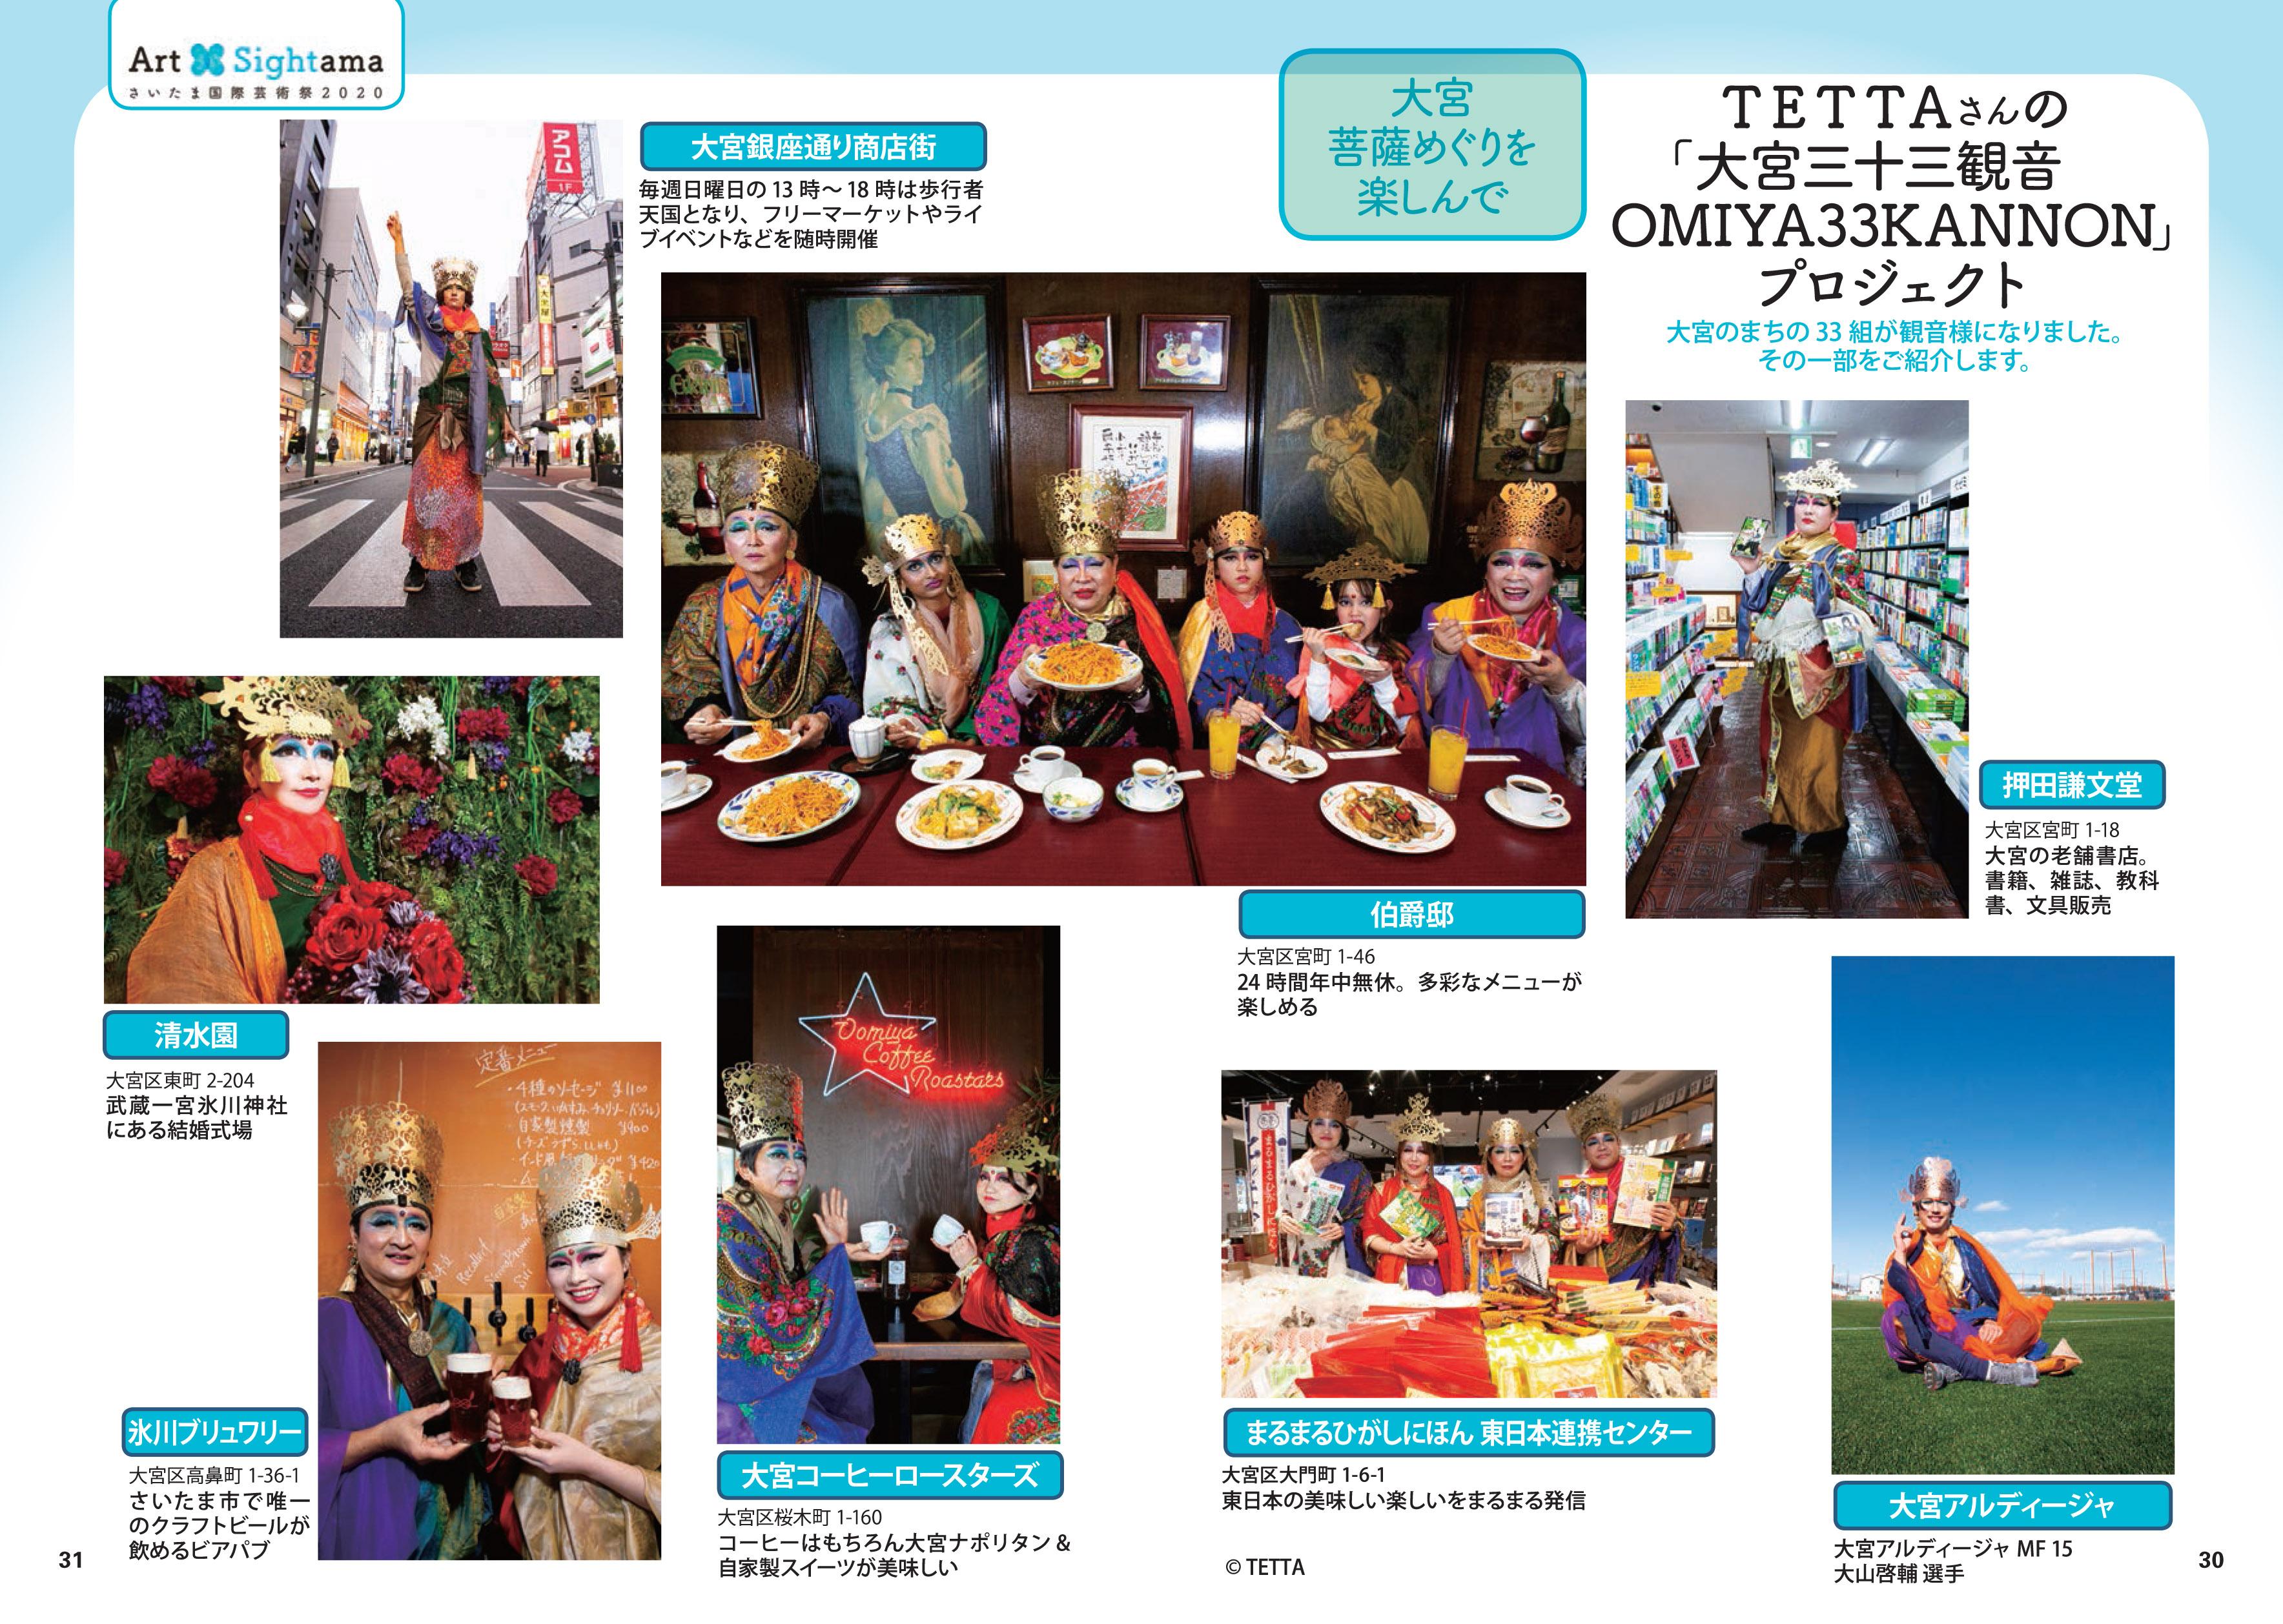 大宮三十三観音 OMIYA33KANNON さいたま国際芸術祭2020 TEETA  菩薩メイク